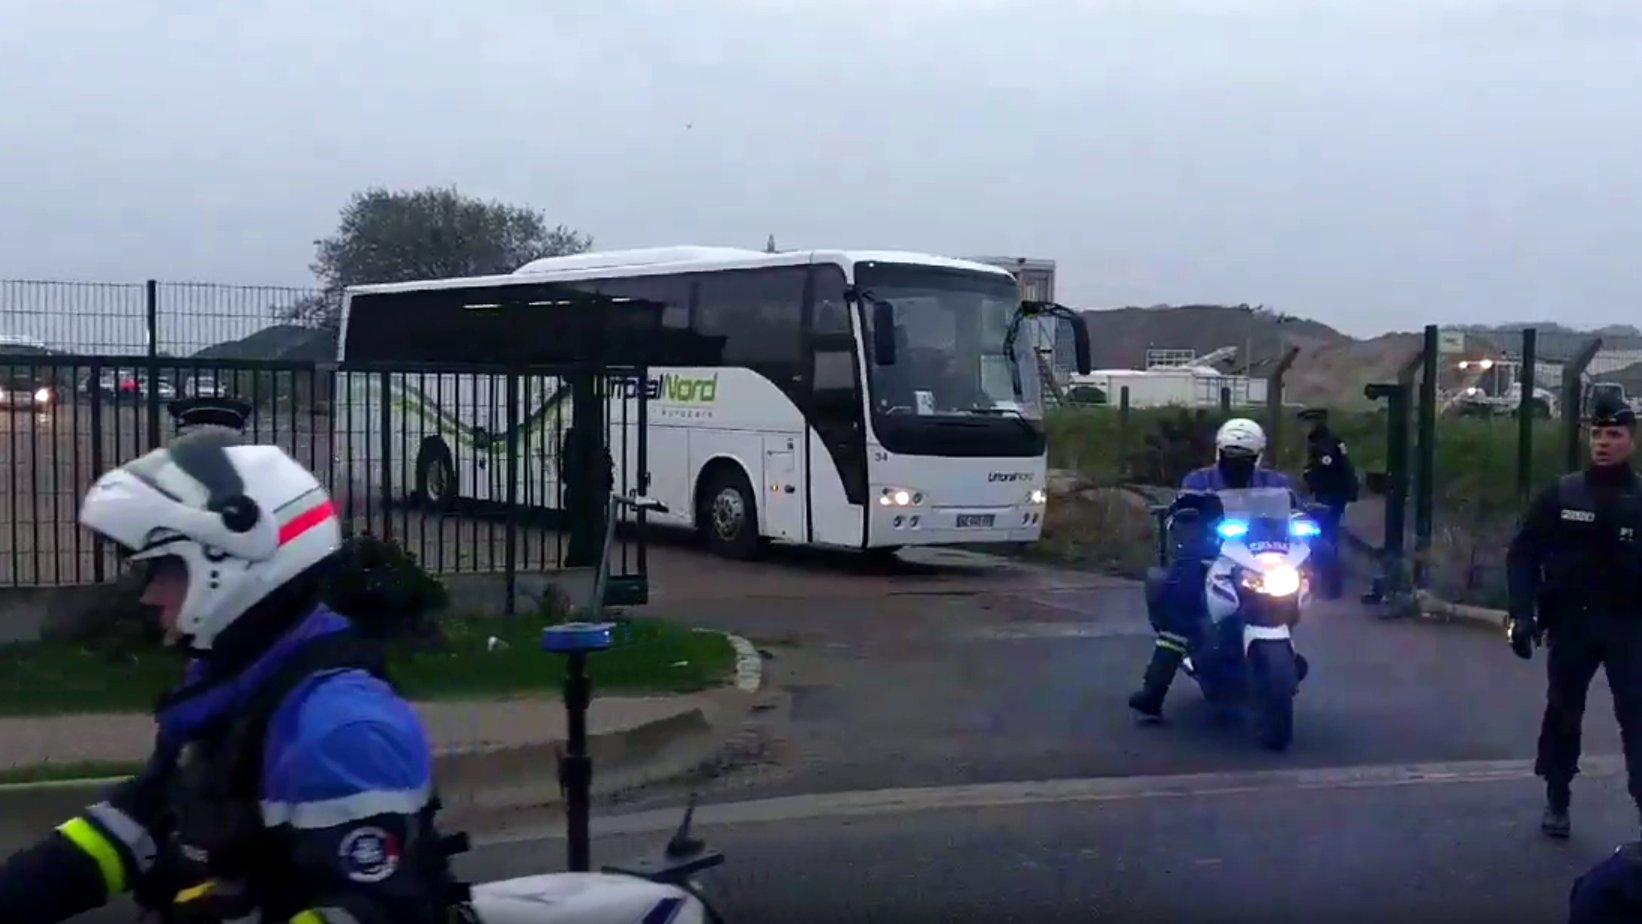 """Erster Bus verlässt """"Dschungel von Calais"""""""